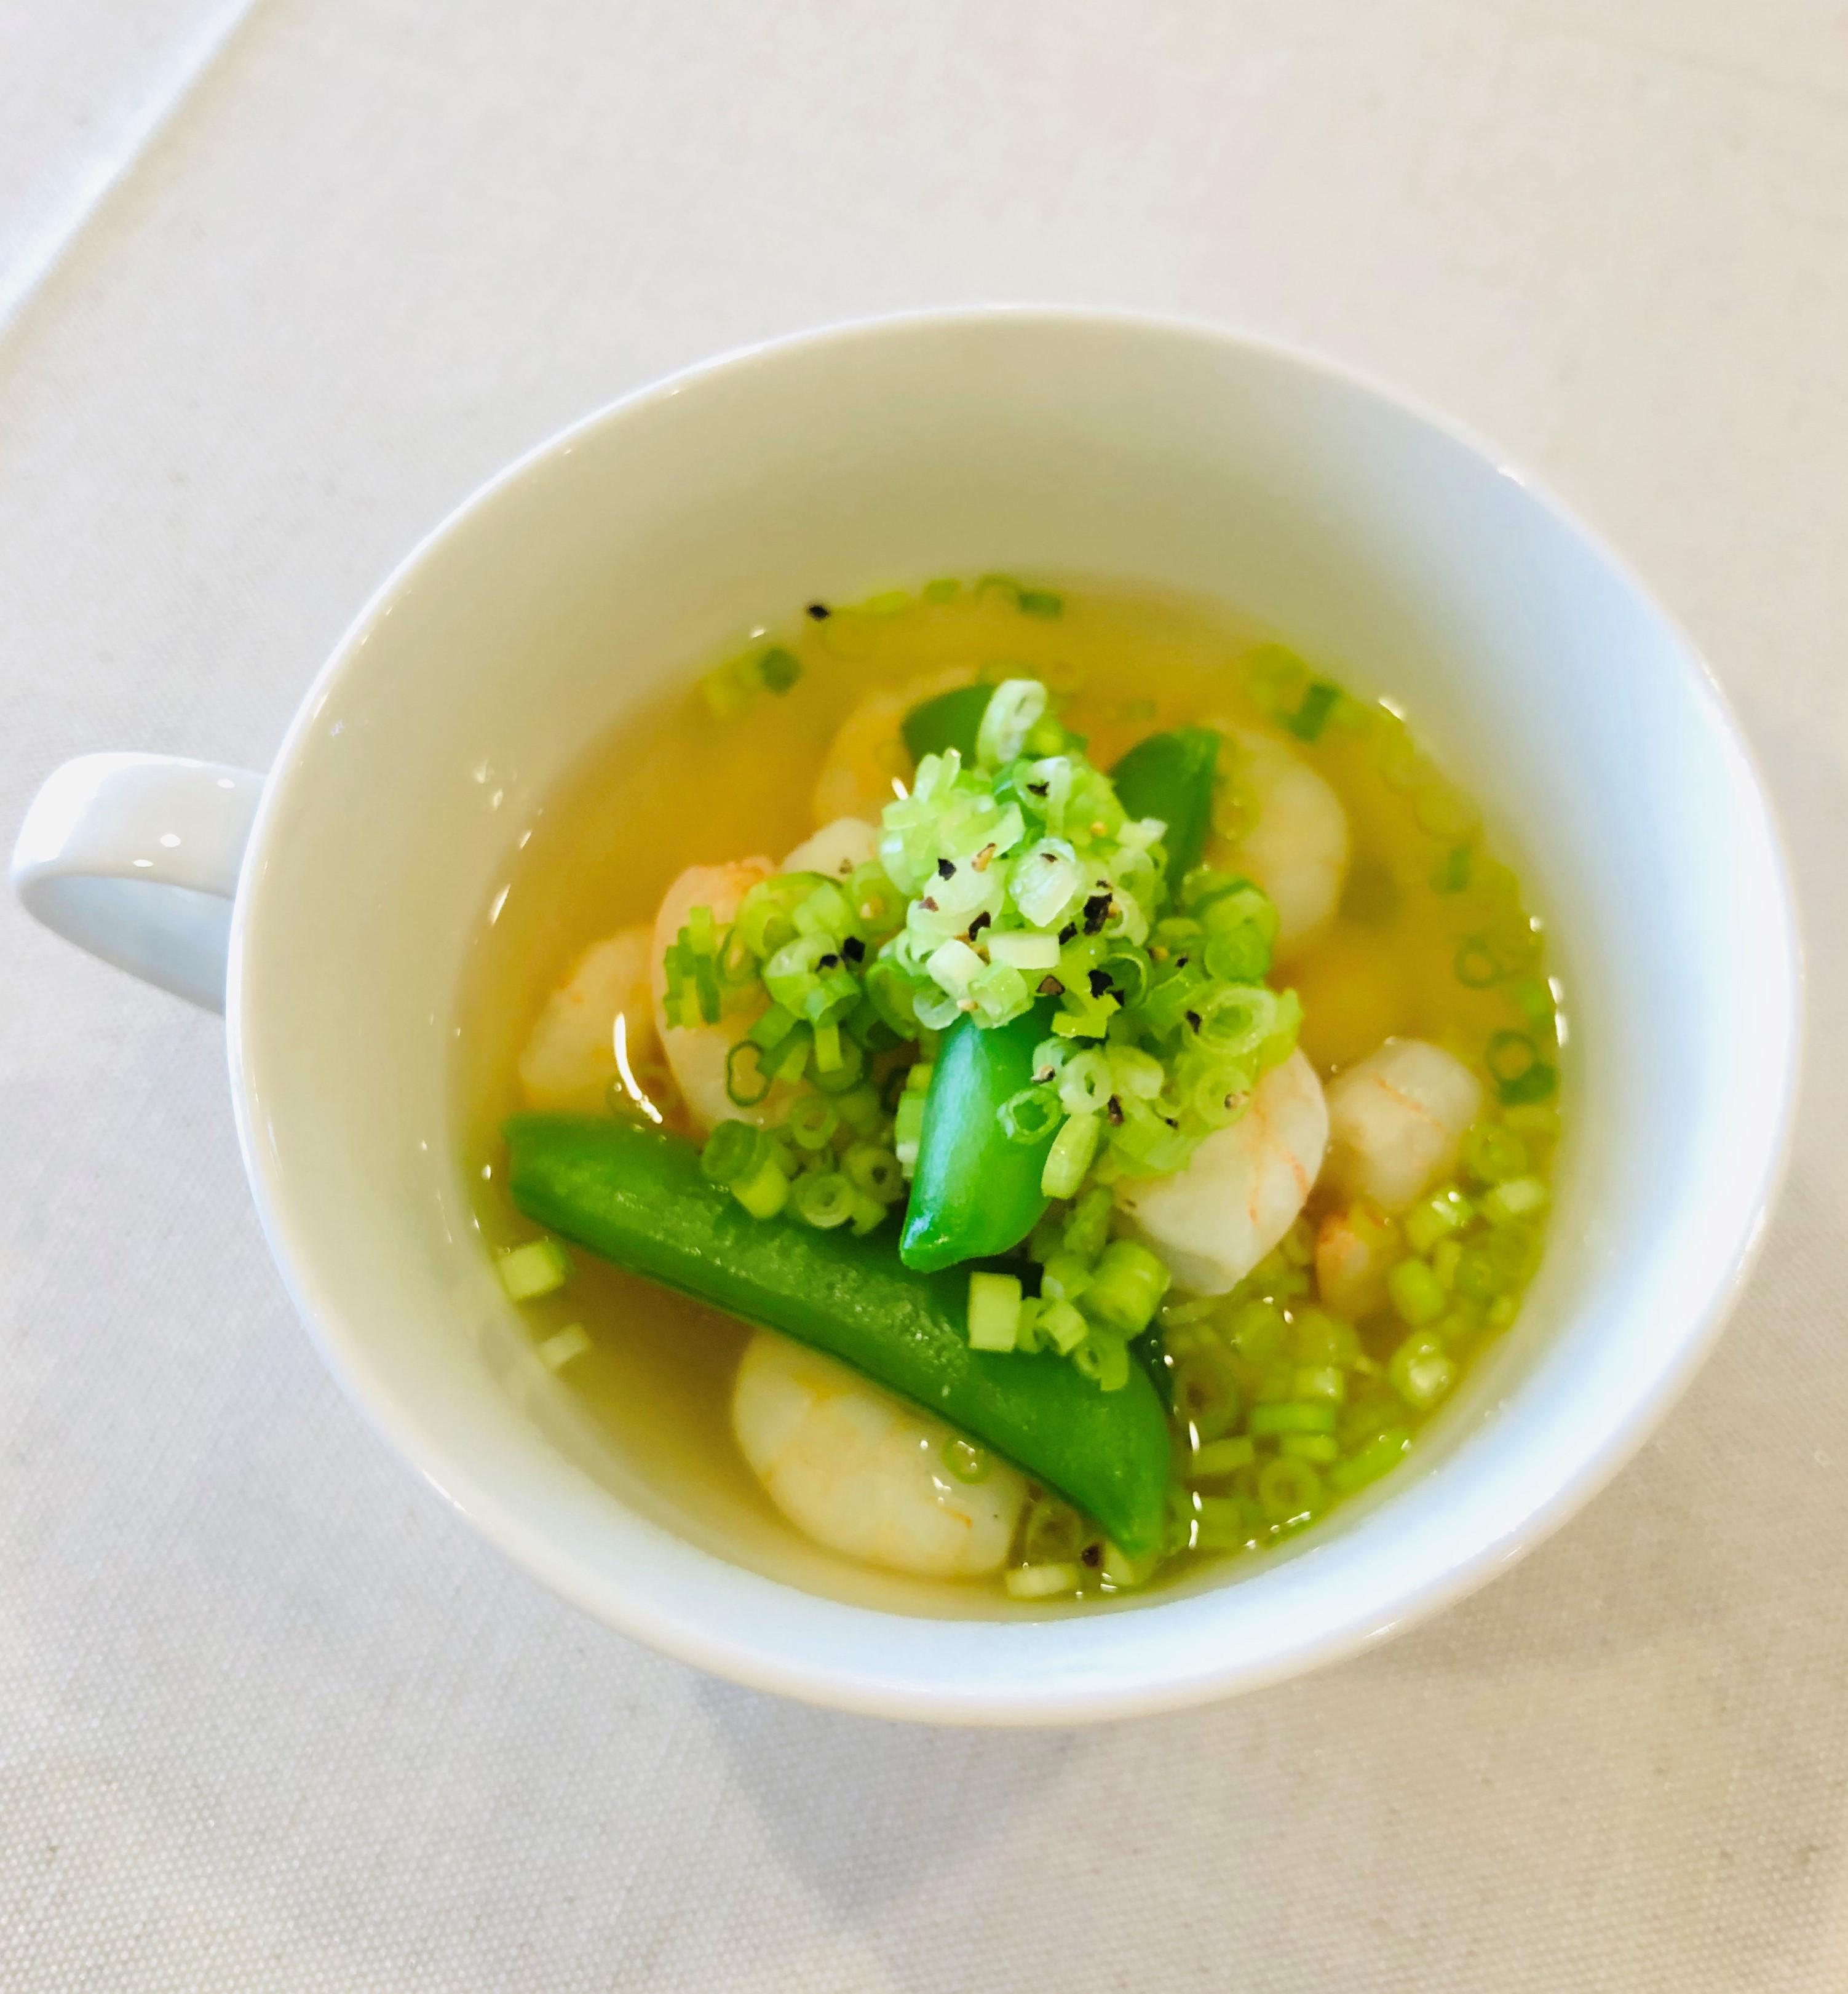 スナップえんどうとエビのスープ|イメージ